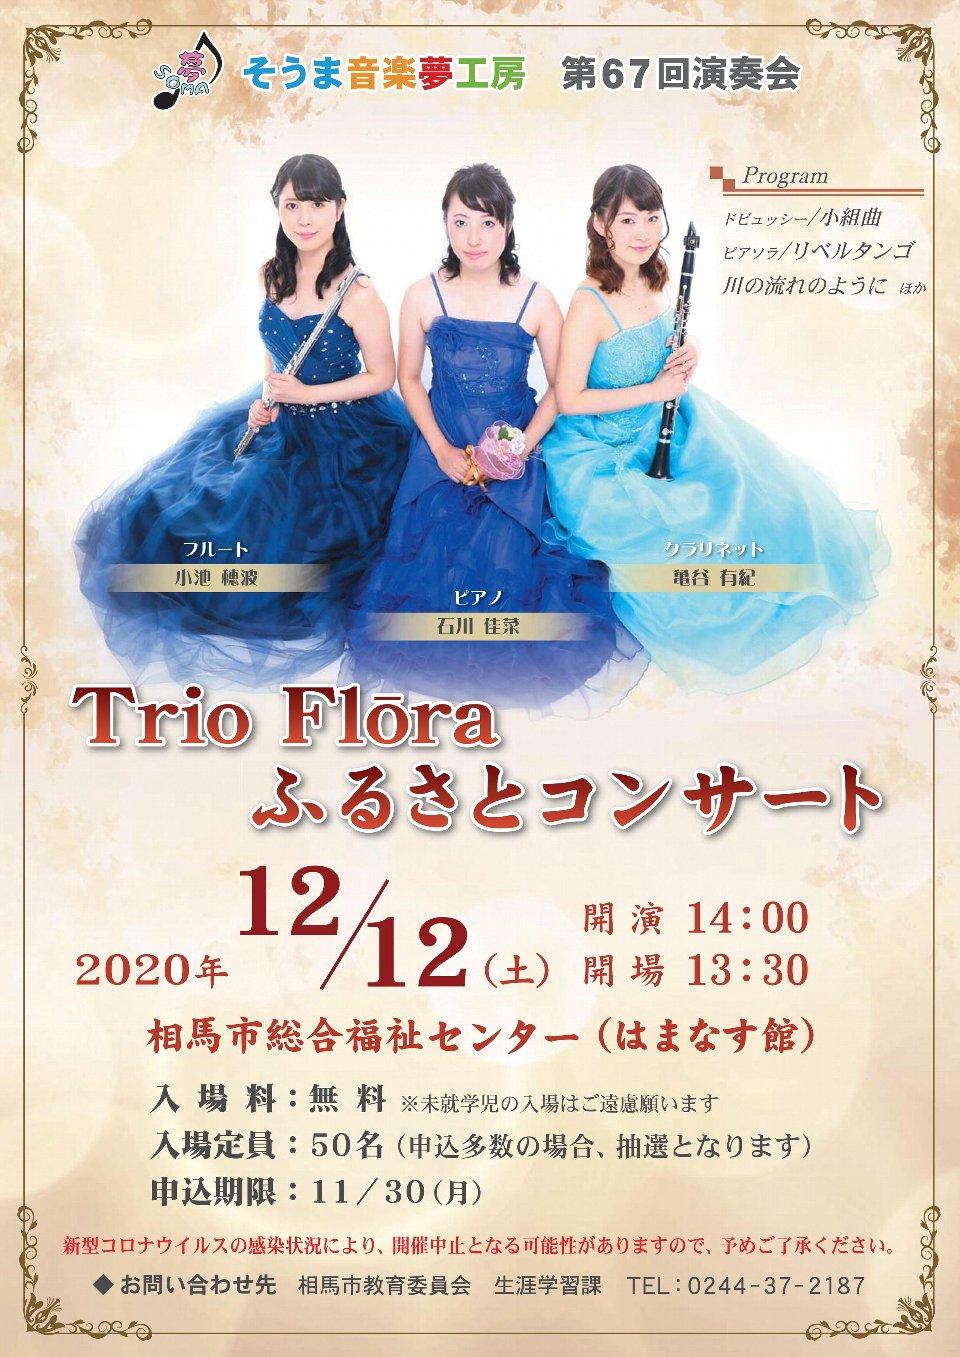 そうま音楽夢工房第67回演奏会 Trio Flōra ふるさとコンサート1